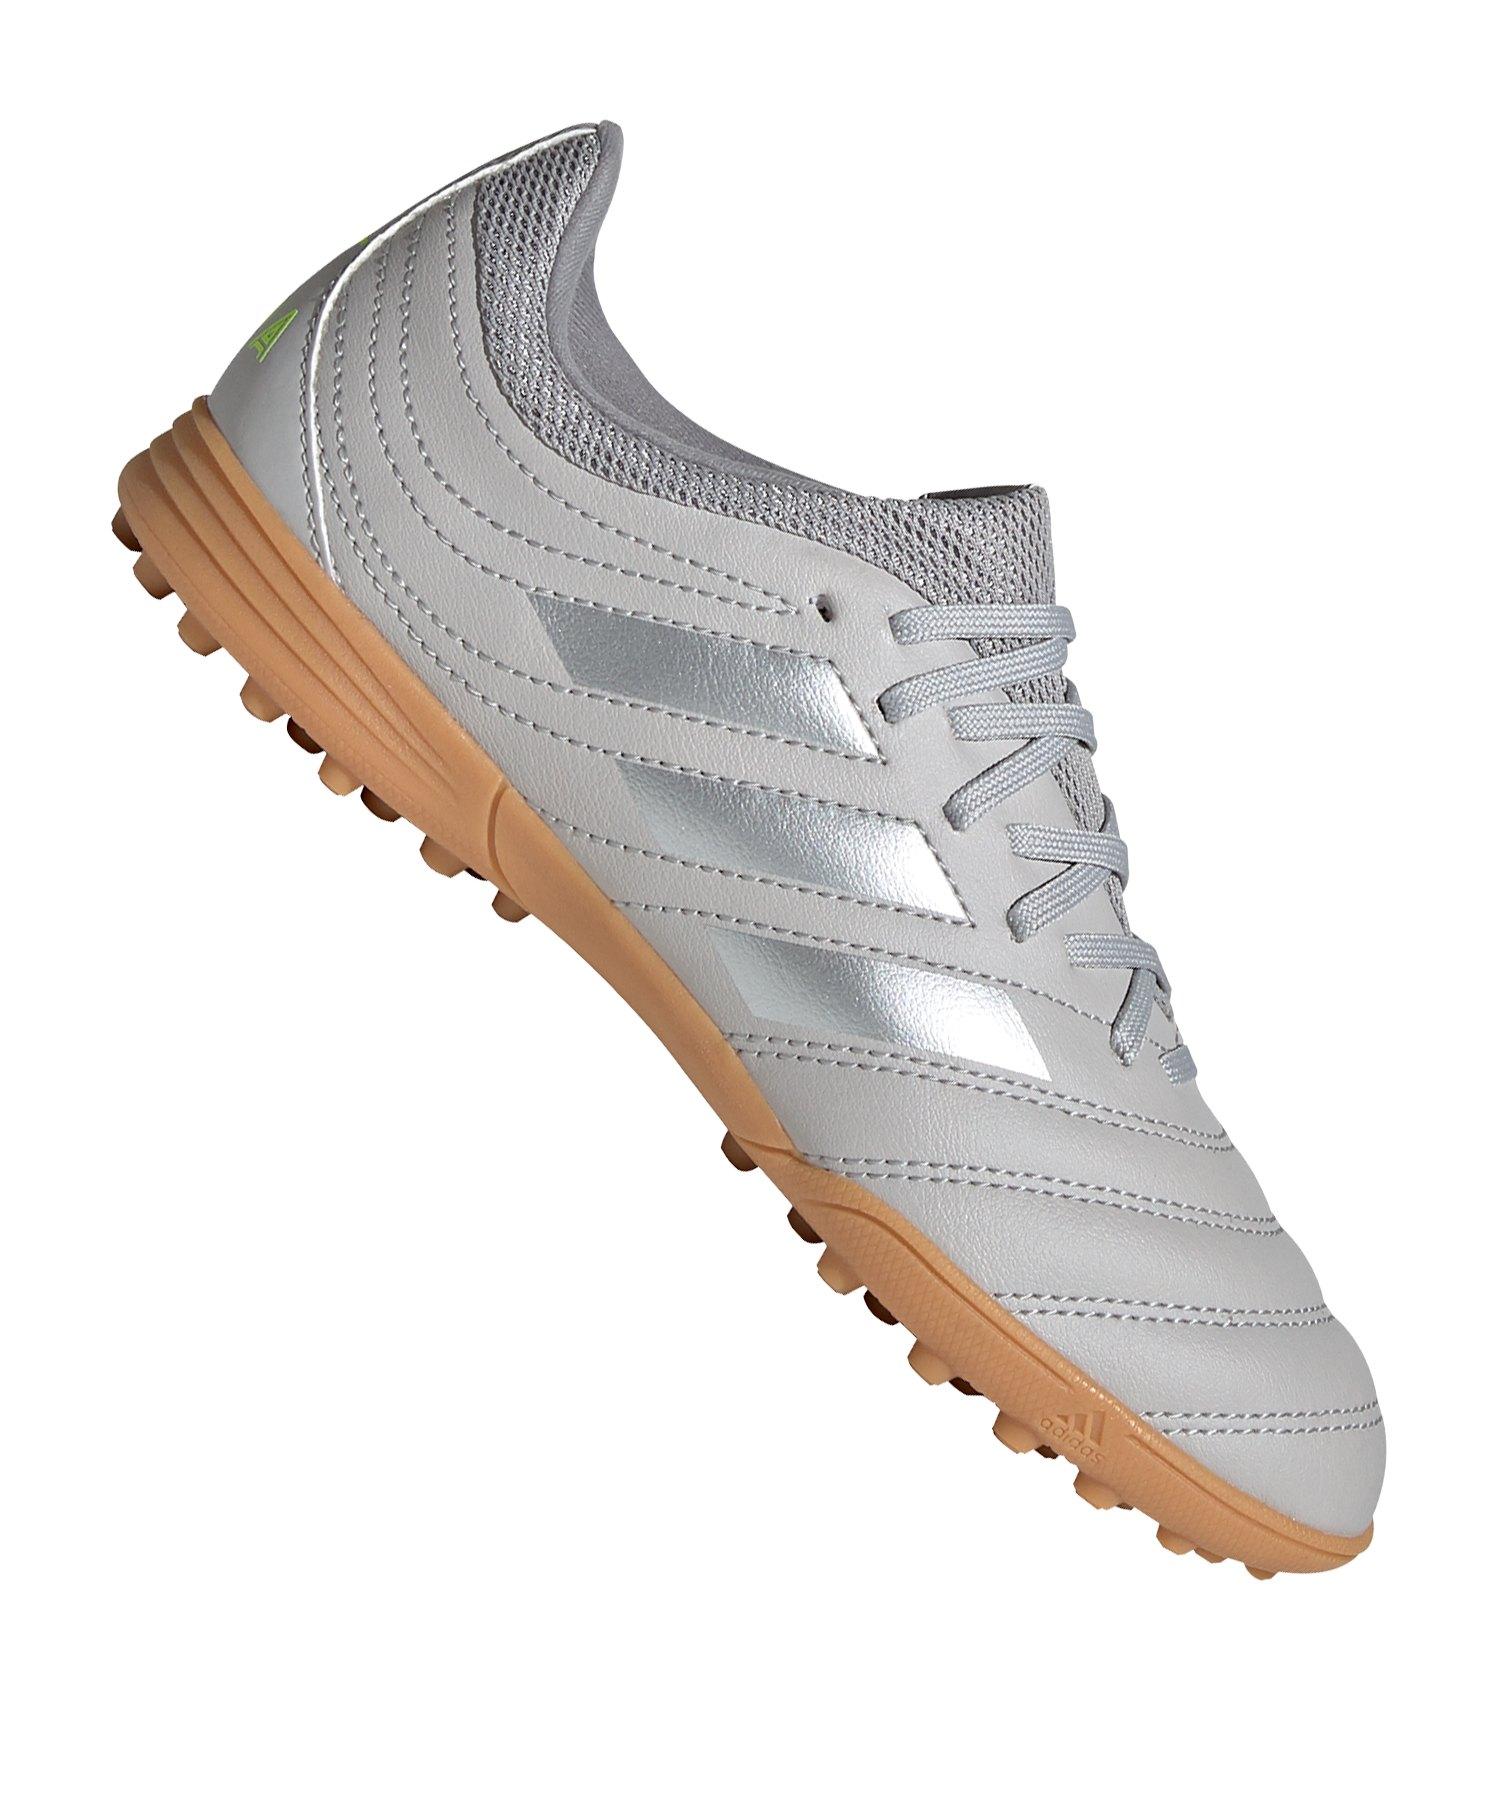 adidas COPA 20.3 TF Kids Grau Silber - grau